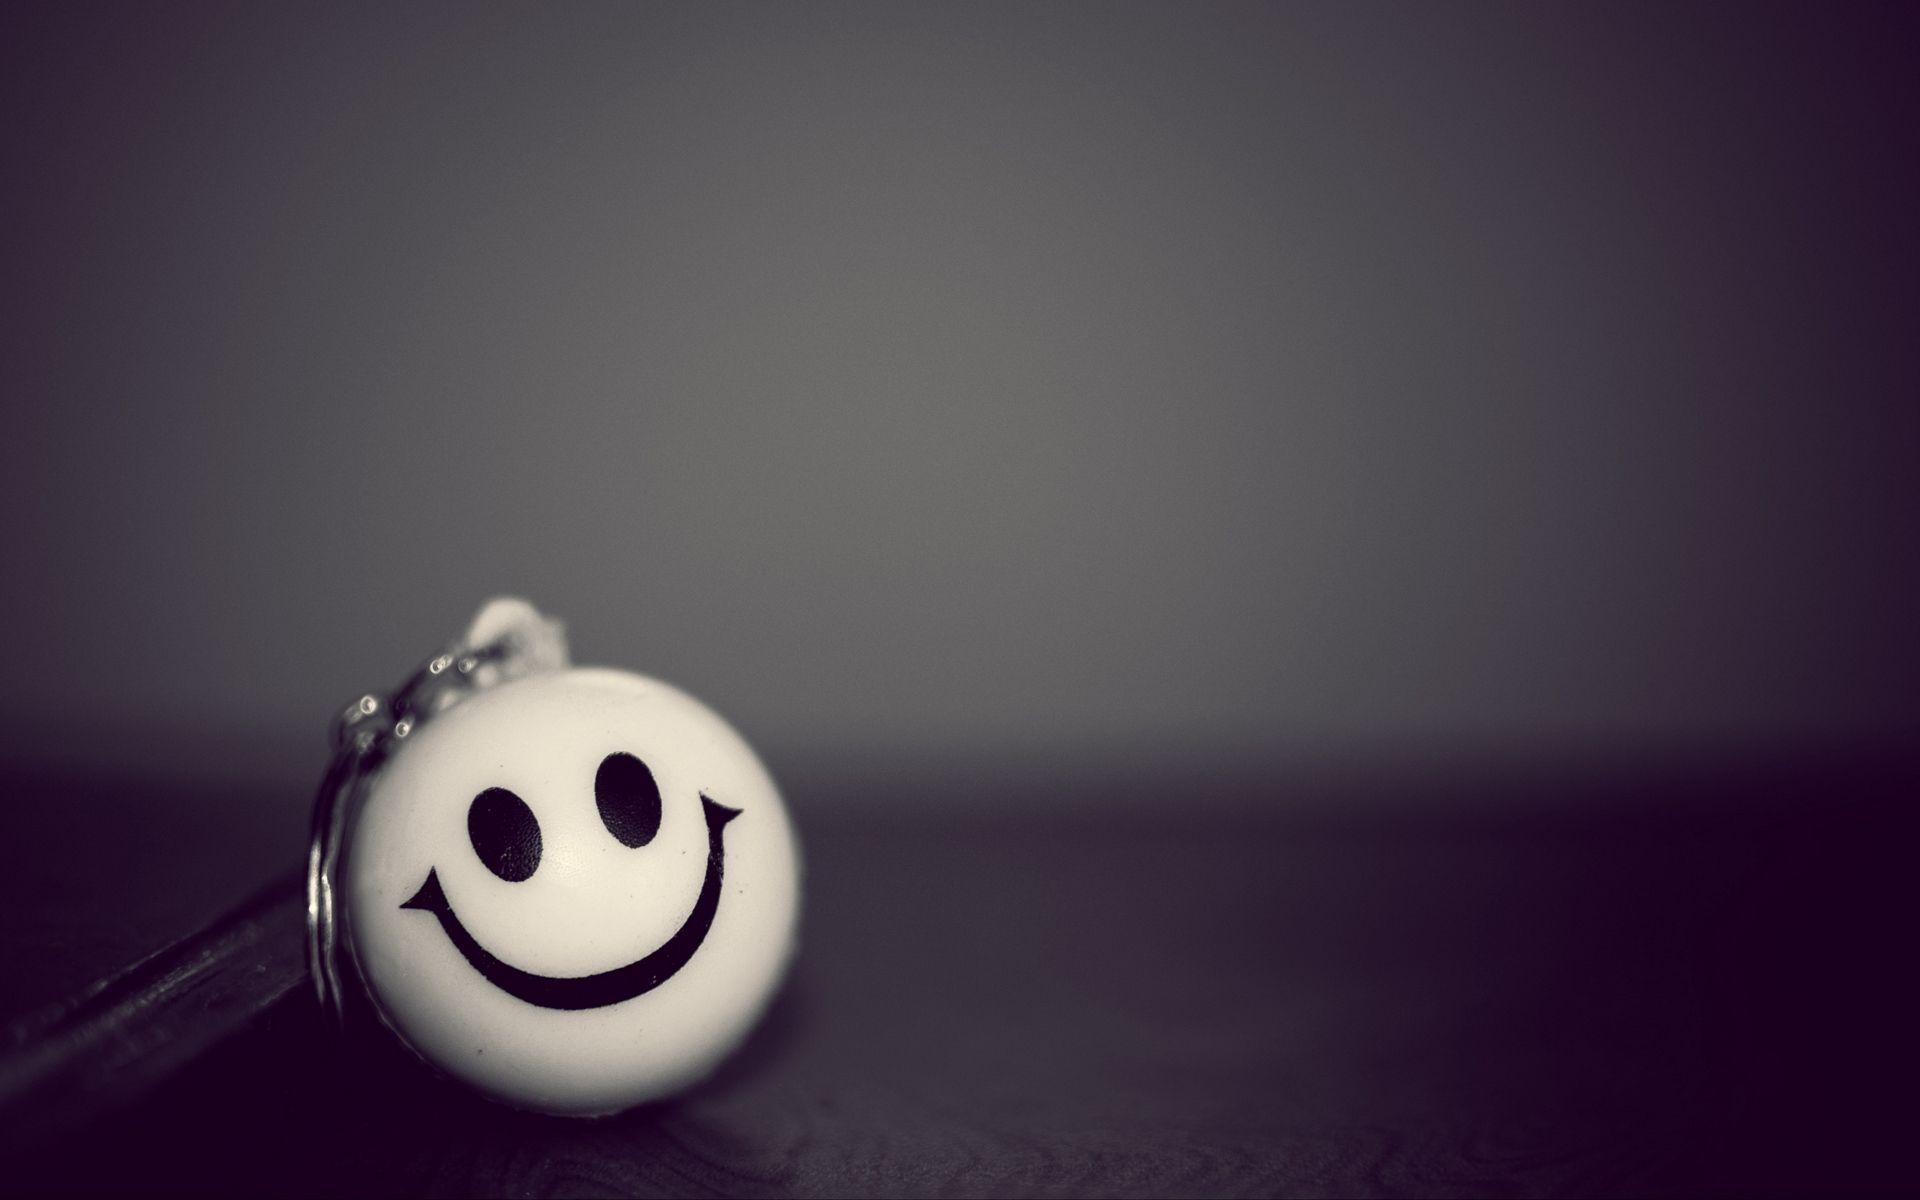 Smiling emoji HD wallpaper | Smiley, Wallpaper, Cute ...